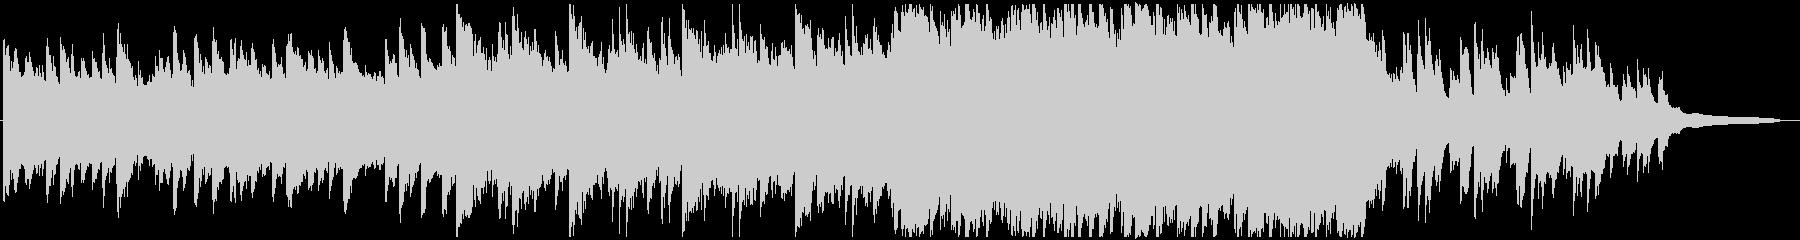 VP系7、ピアノ&オーケストラ、感動的Bの未再生の波形